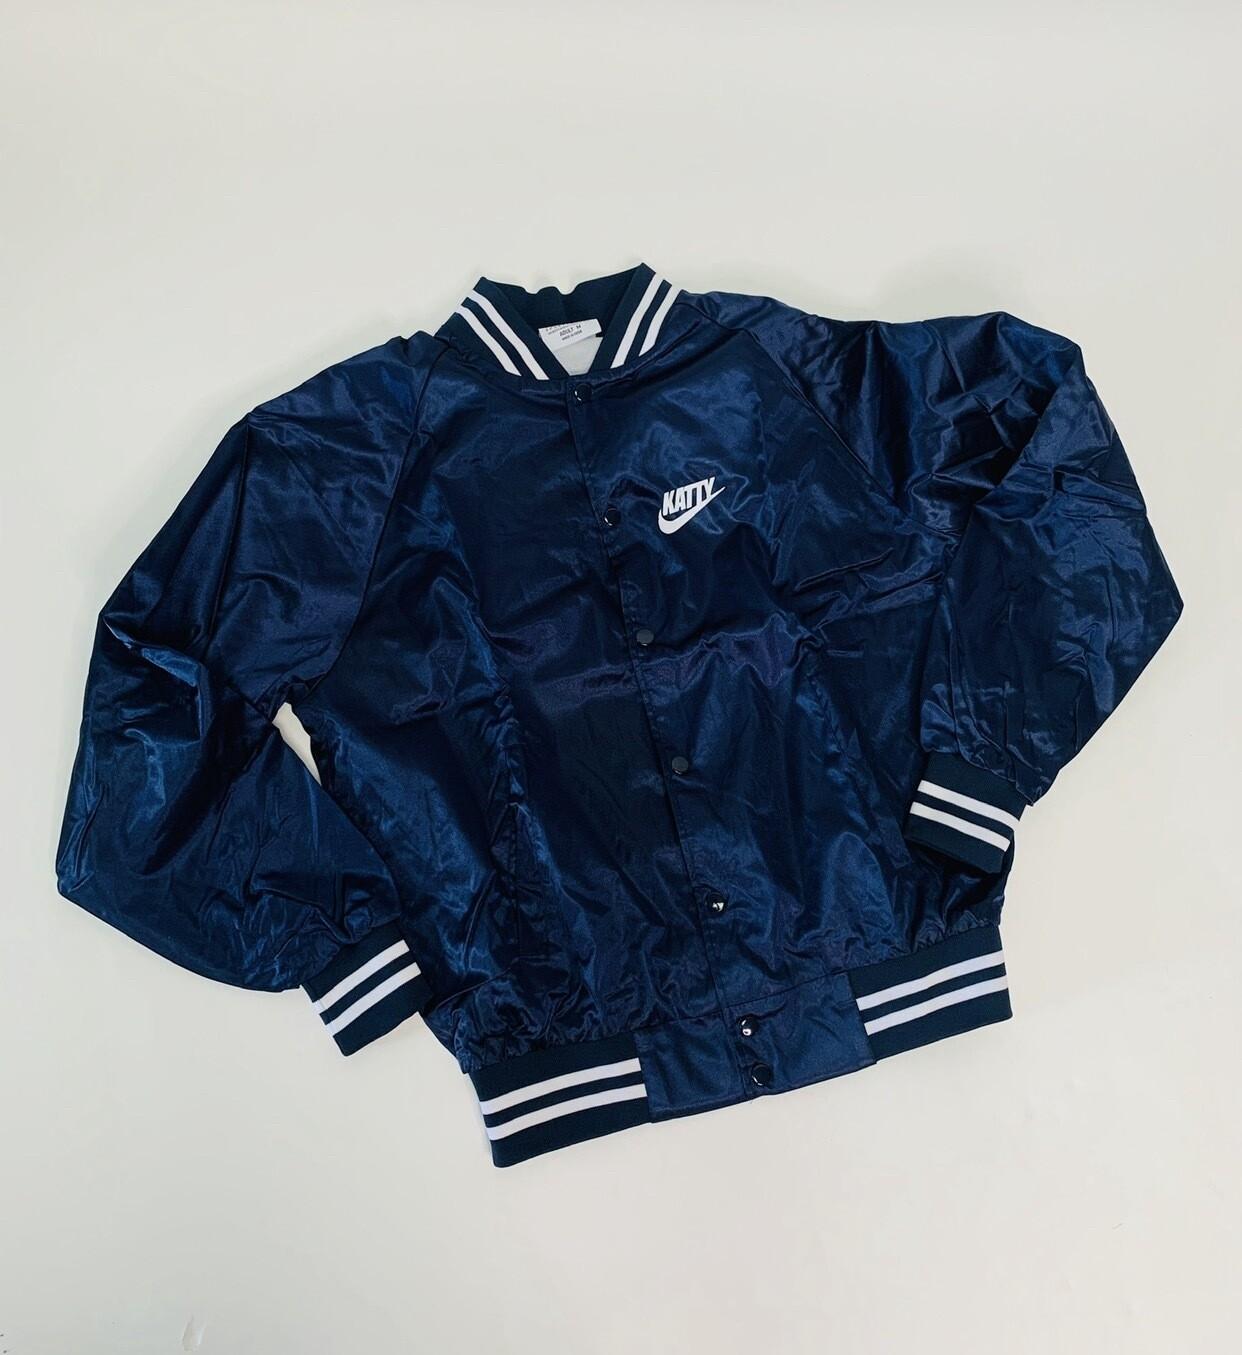 Navy Blue Katty/Nike Sports Jacket